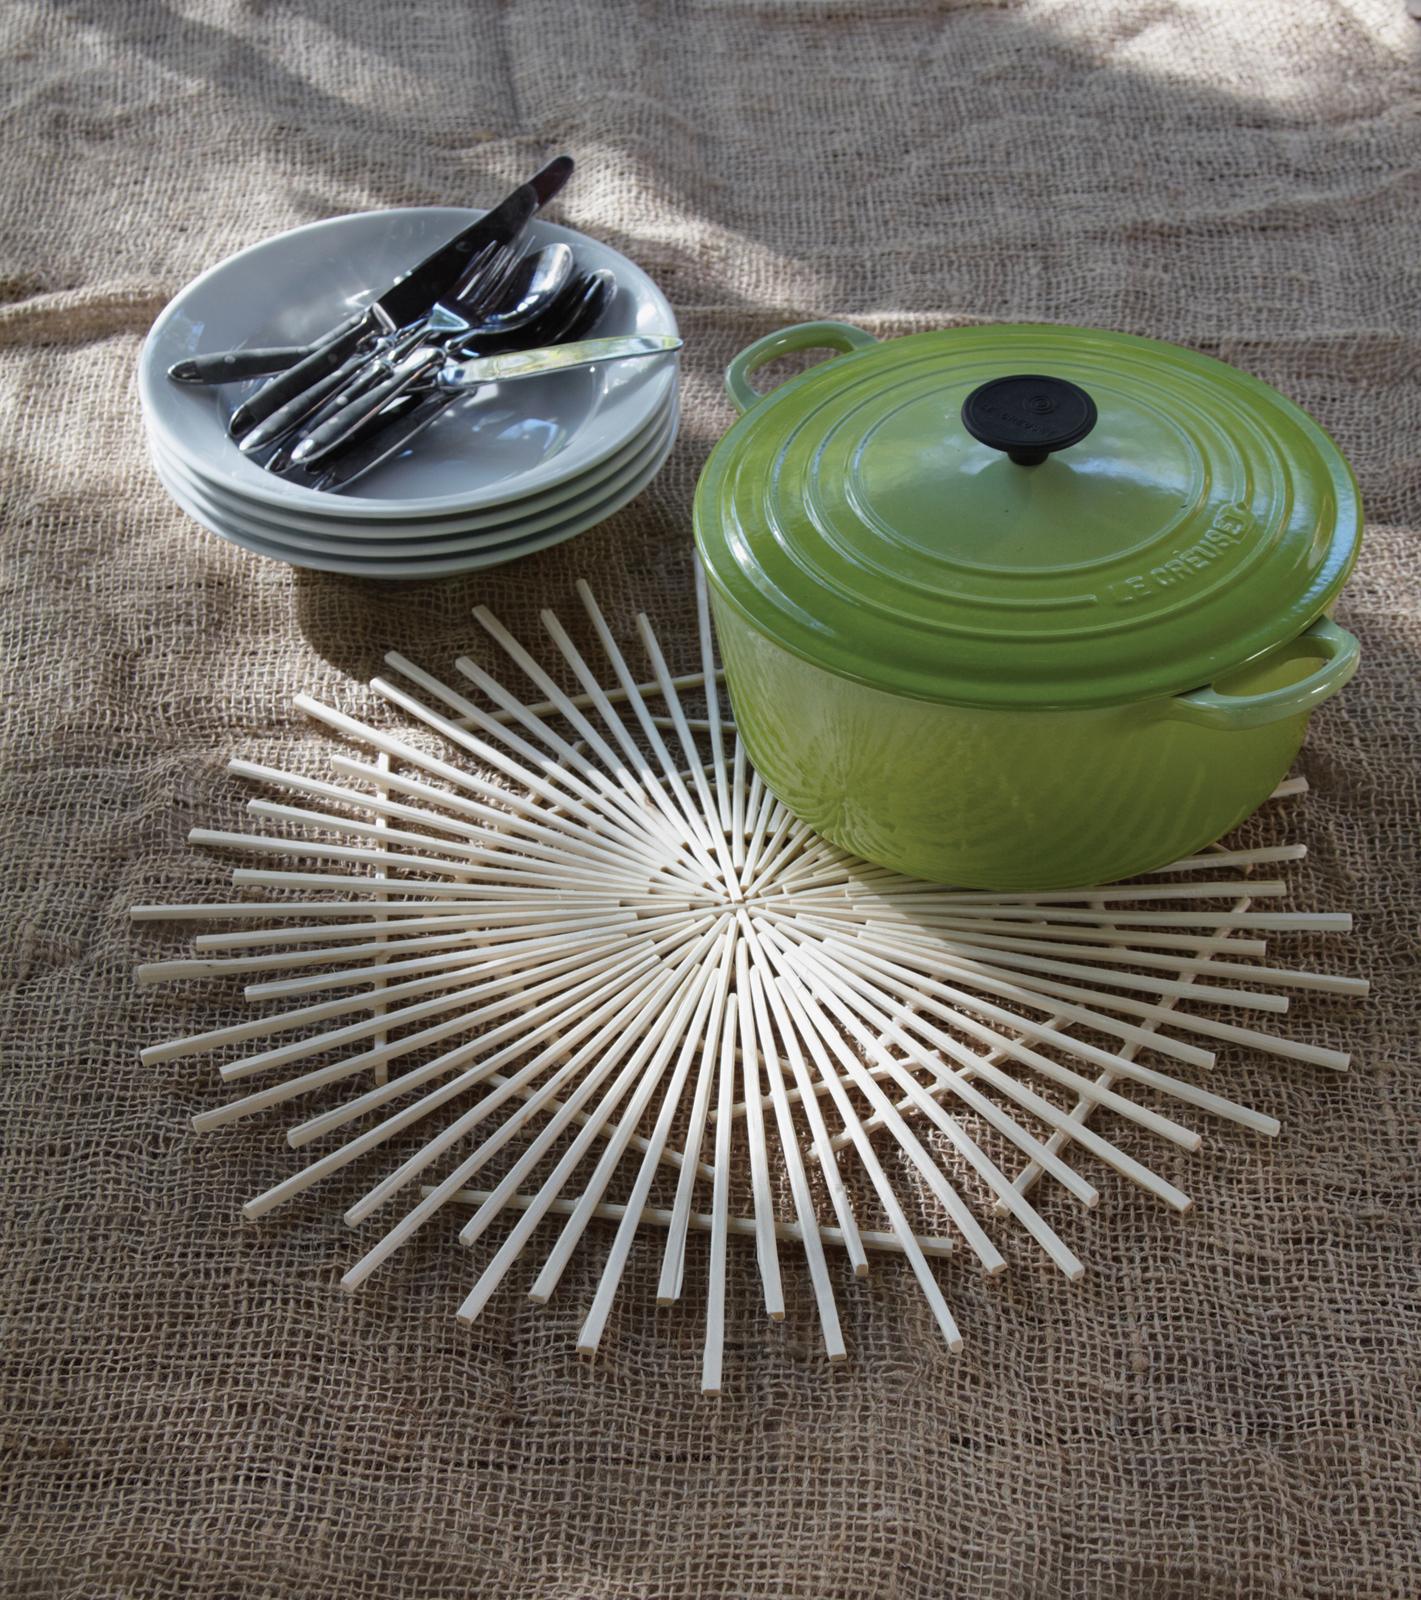 Chopstick Trivet // 'Upcycling' by Danny Seo